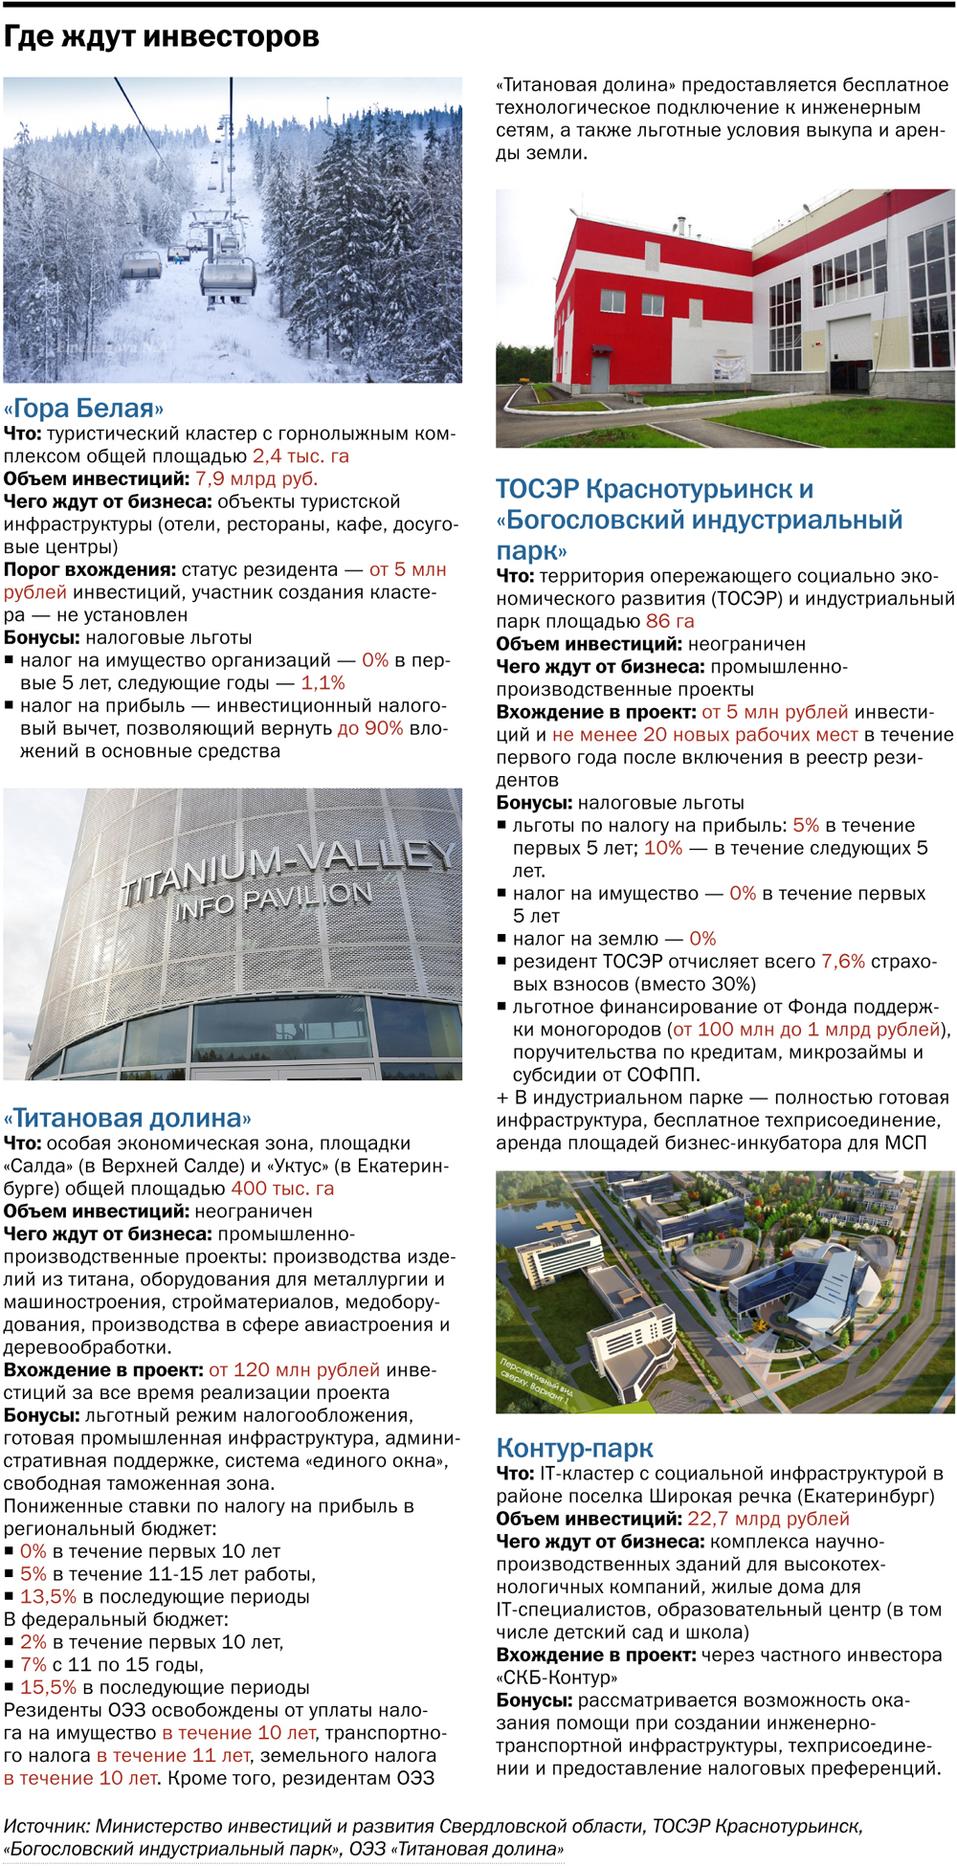 Виктория Казакова: «Инвестируйте в Свердловскую область. Мы рады самым разным проектам»  4